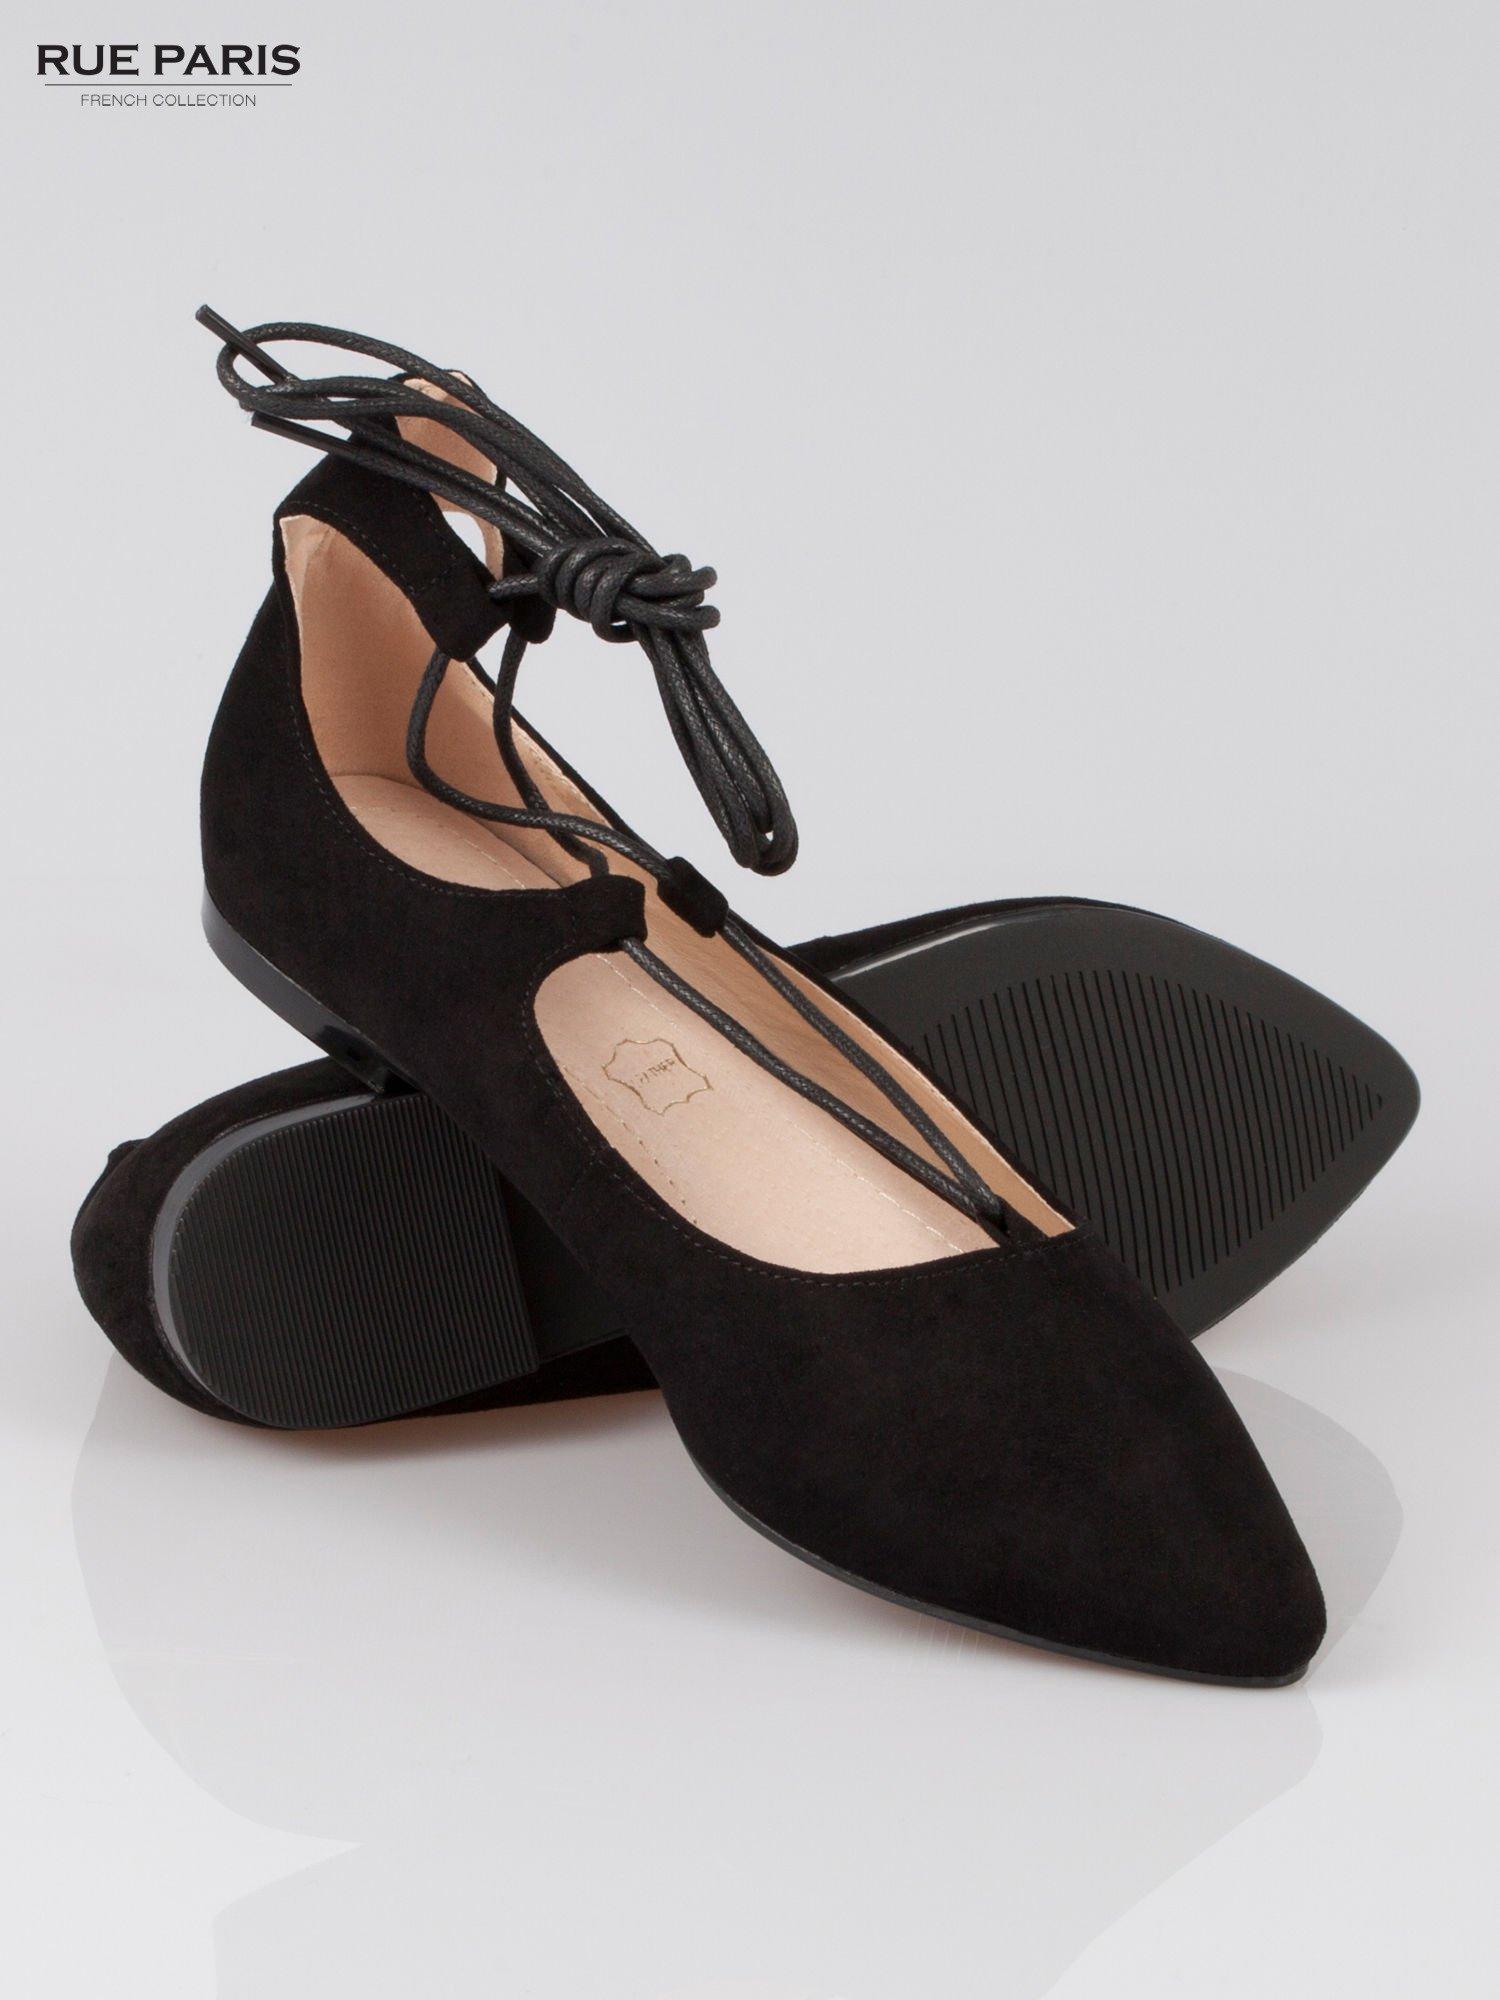 Czarne wiązane baleriny faux suede Kim lace up z zamszu                                  zdj.                                  4